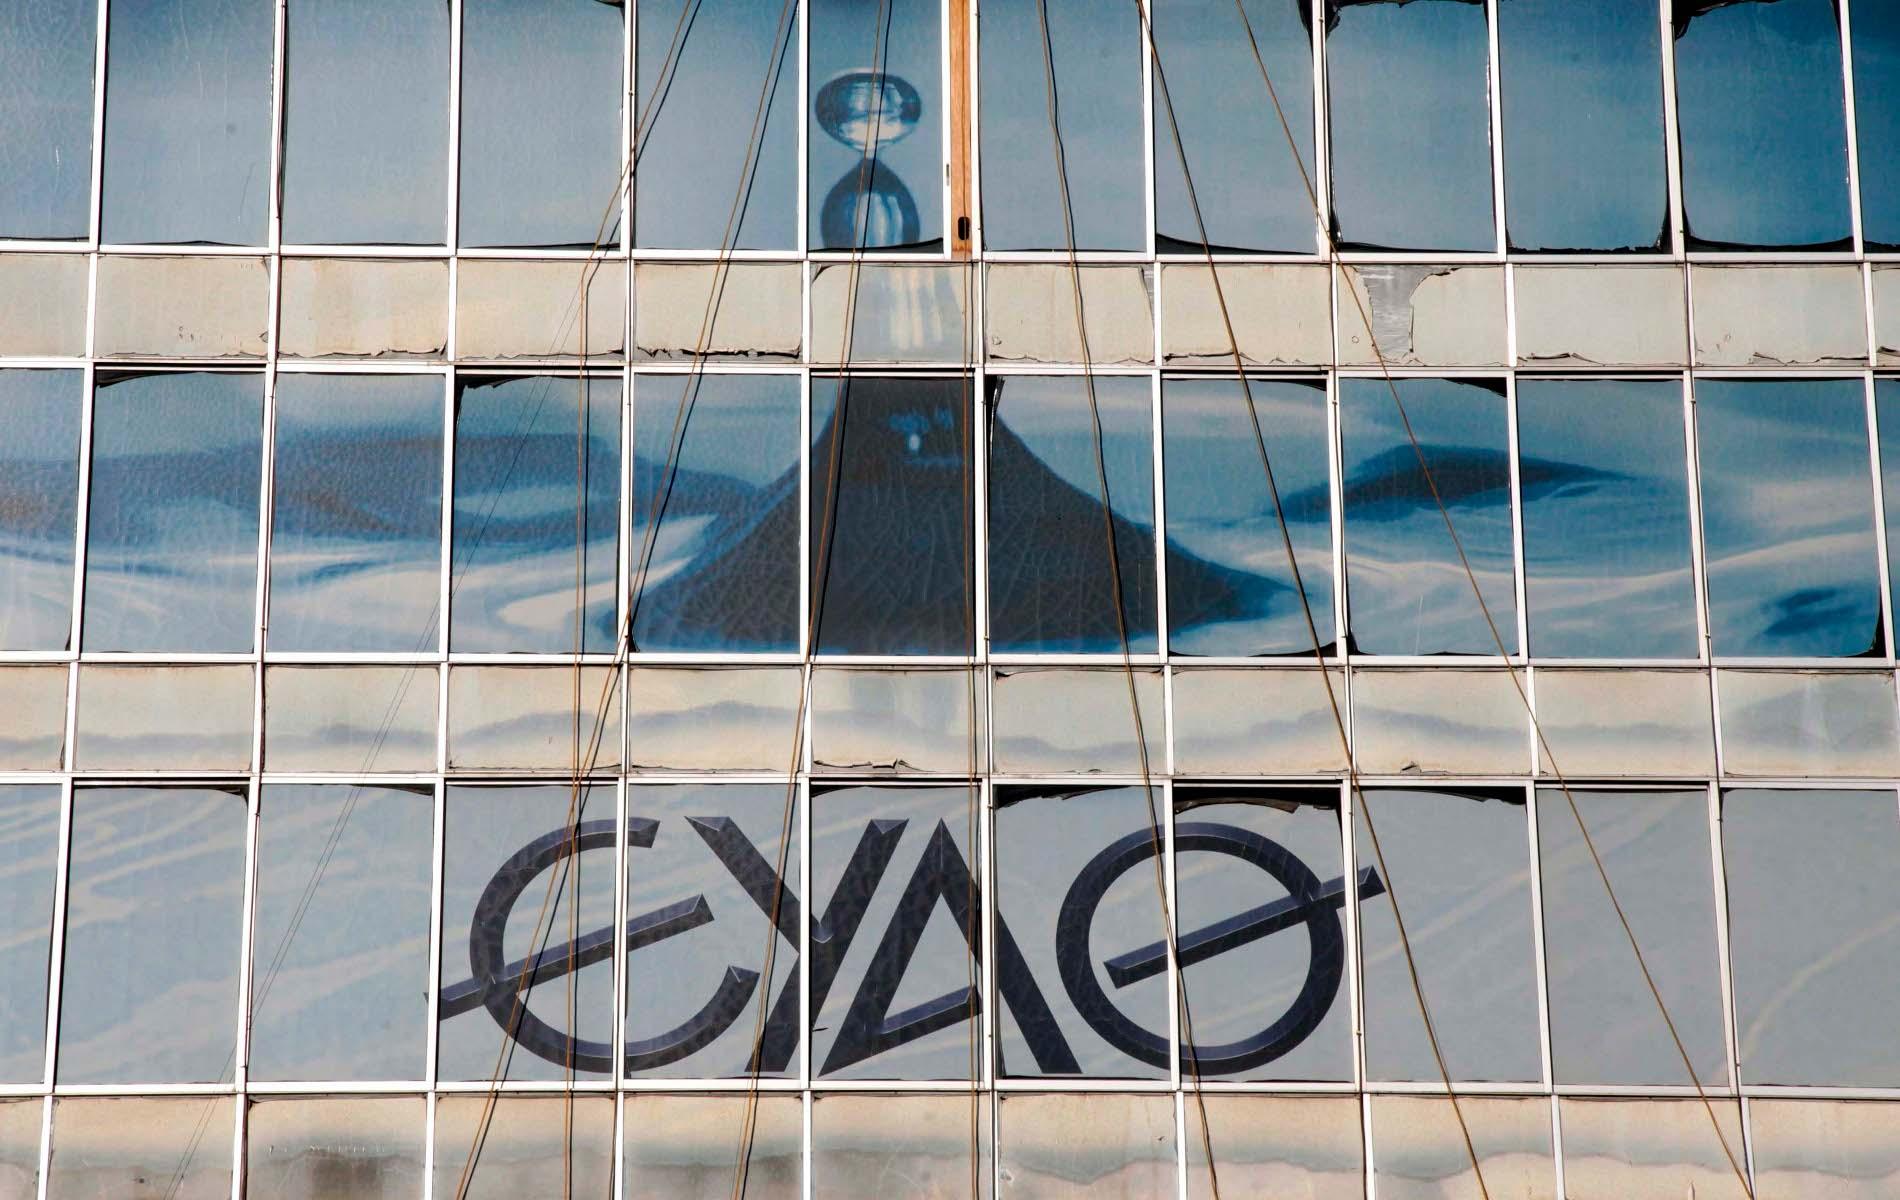 ΥΠΕΣ: Aπύθμενο θράσος για την ΕΥΑΘ από τη ΝΔ που το 2012 λόγω της επιλογής να ιδιωτικοποιηθεί η Εταιρεία ακύρωσε διαγωνισμό συντήρησης που είχε τελεσφορήσει…